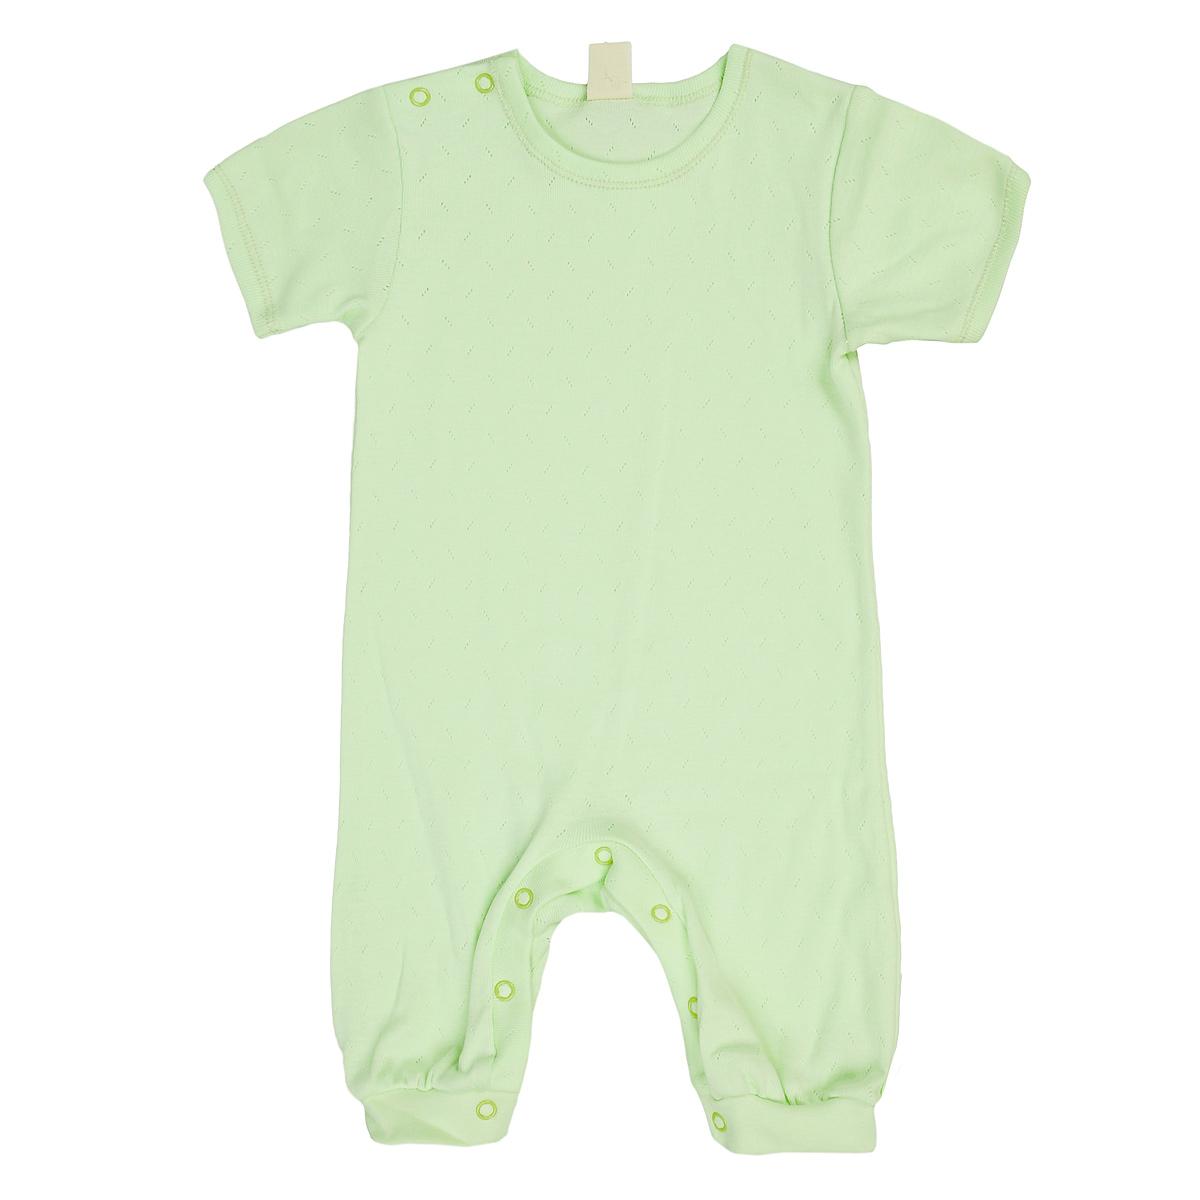 Песочник детский Lucky Child, цвет: светло-зеленый. 0-28. Размер 80/860-28Песочник Lucky Child, изготовленный из натурального хлопка, очень мягкий и приятный на ощупь, не раздражает даже самую нежную и чувствительную кожу ребенка, обеспечивая ему наибольший комфорт. Благодаря натуральному материалу песочник не сковывает движения младенца и позволяет коже дышать. Песочник с короткими рукавами, застегивается на кнопки по плечу и на ластовице, что облегчает процесс переодевания ребенка и смену подгузника. Эластичные швы приятны телу и не препятствуют движениям ребенка.Такое песочник, несомненно, понравится вашей малютке и станет отличным дополнением к детскому гардеробу!